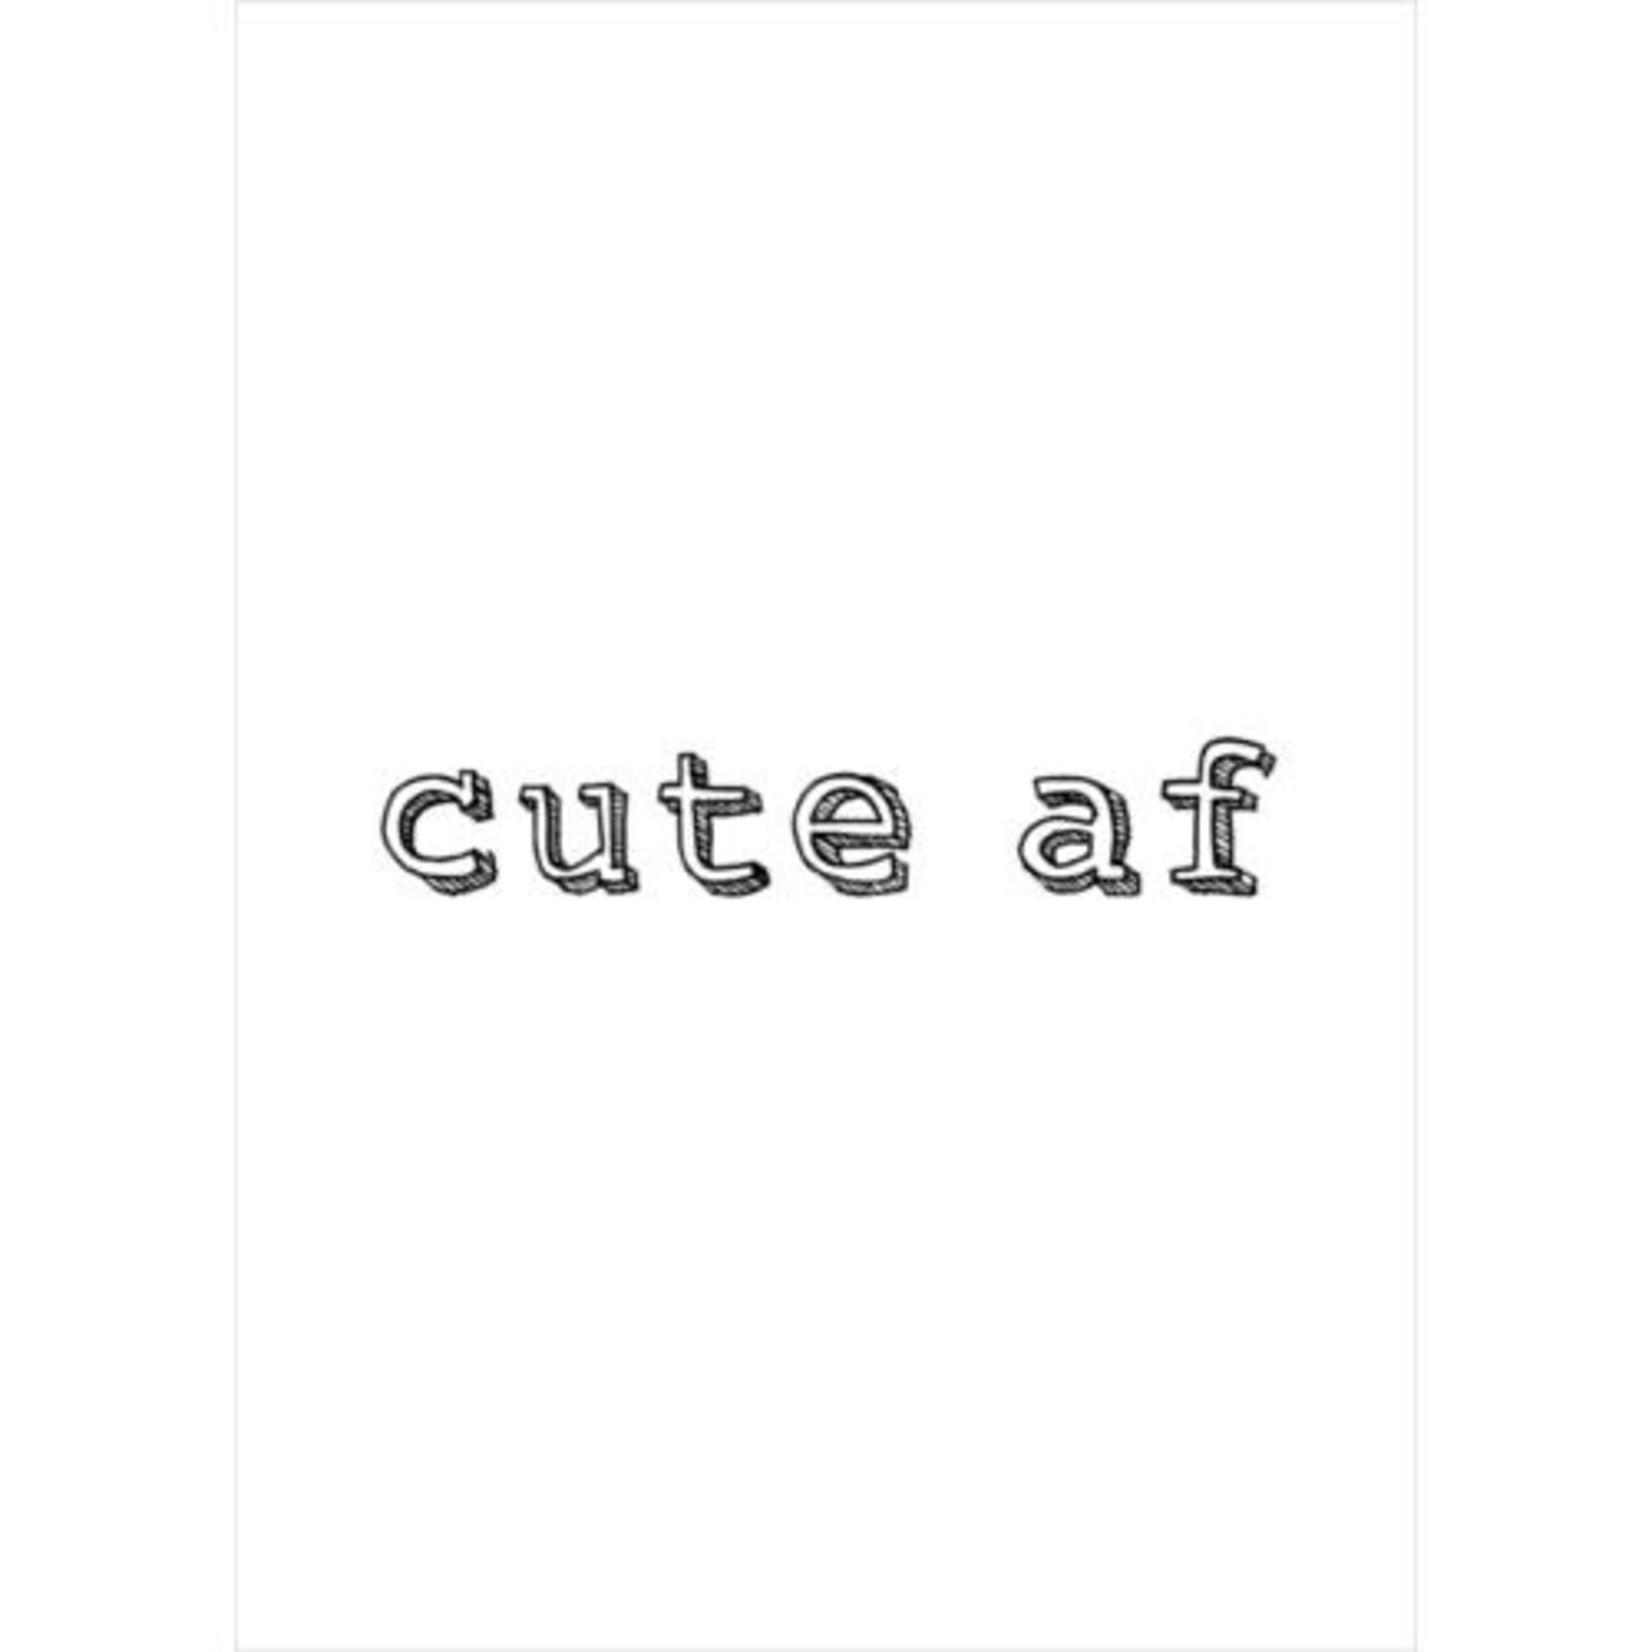 CUTE AF CARD